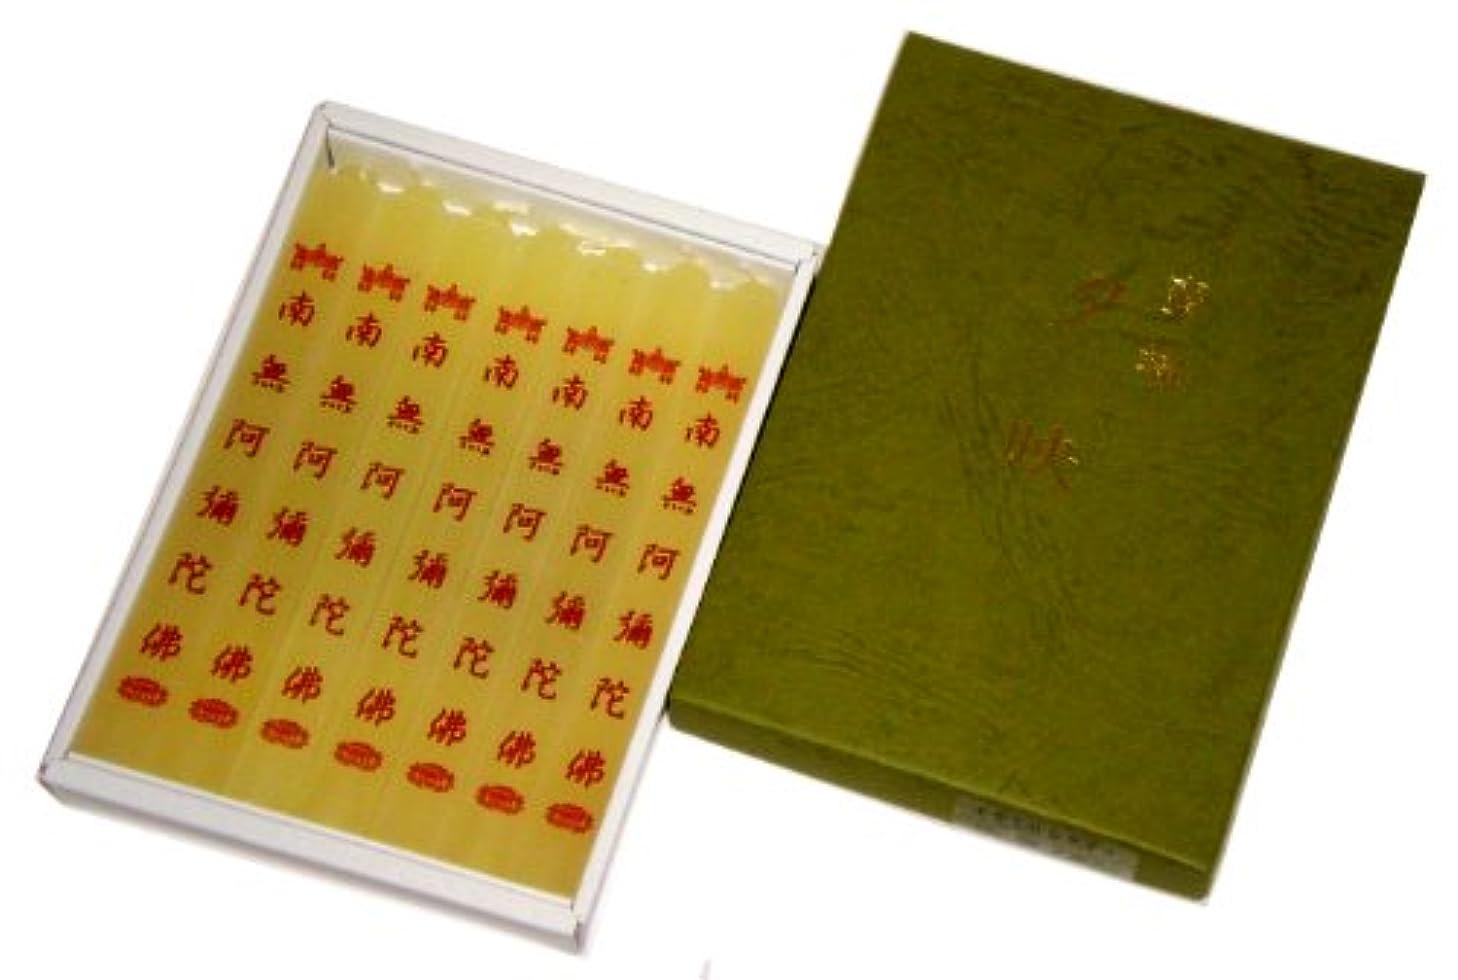 画面忠実な毎回鳥居のローソク 蜜蝋夕映 陀仏 7本入 紙箱 #100711